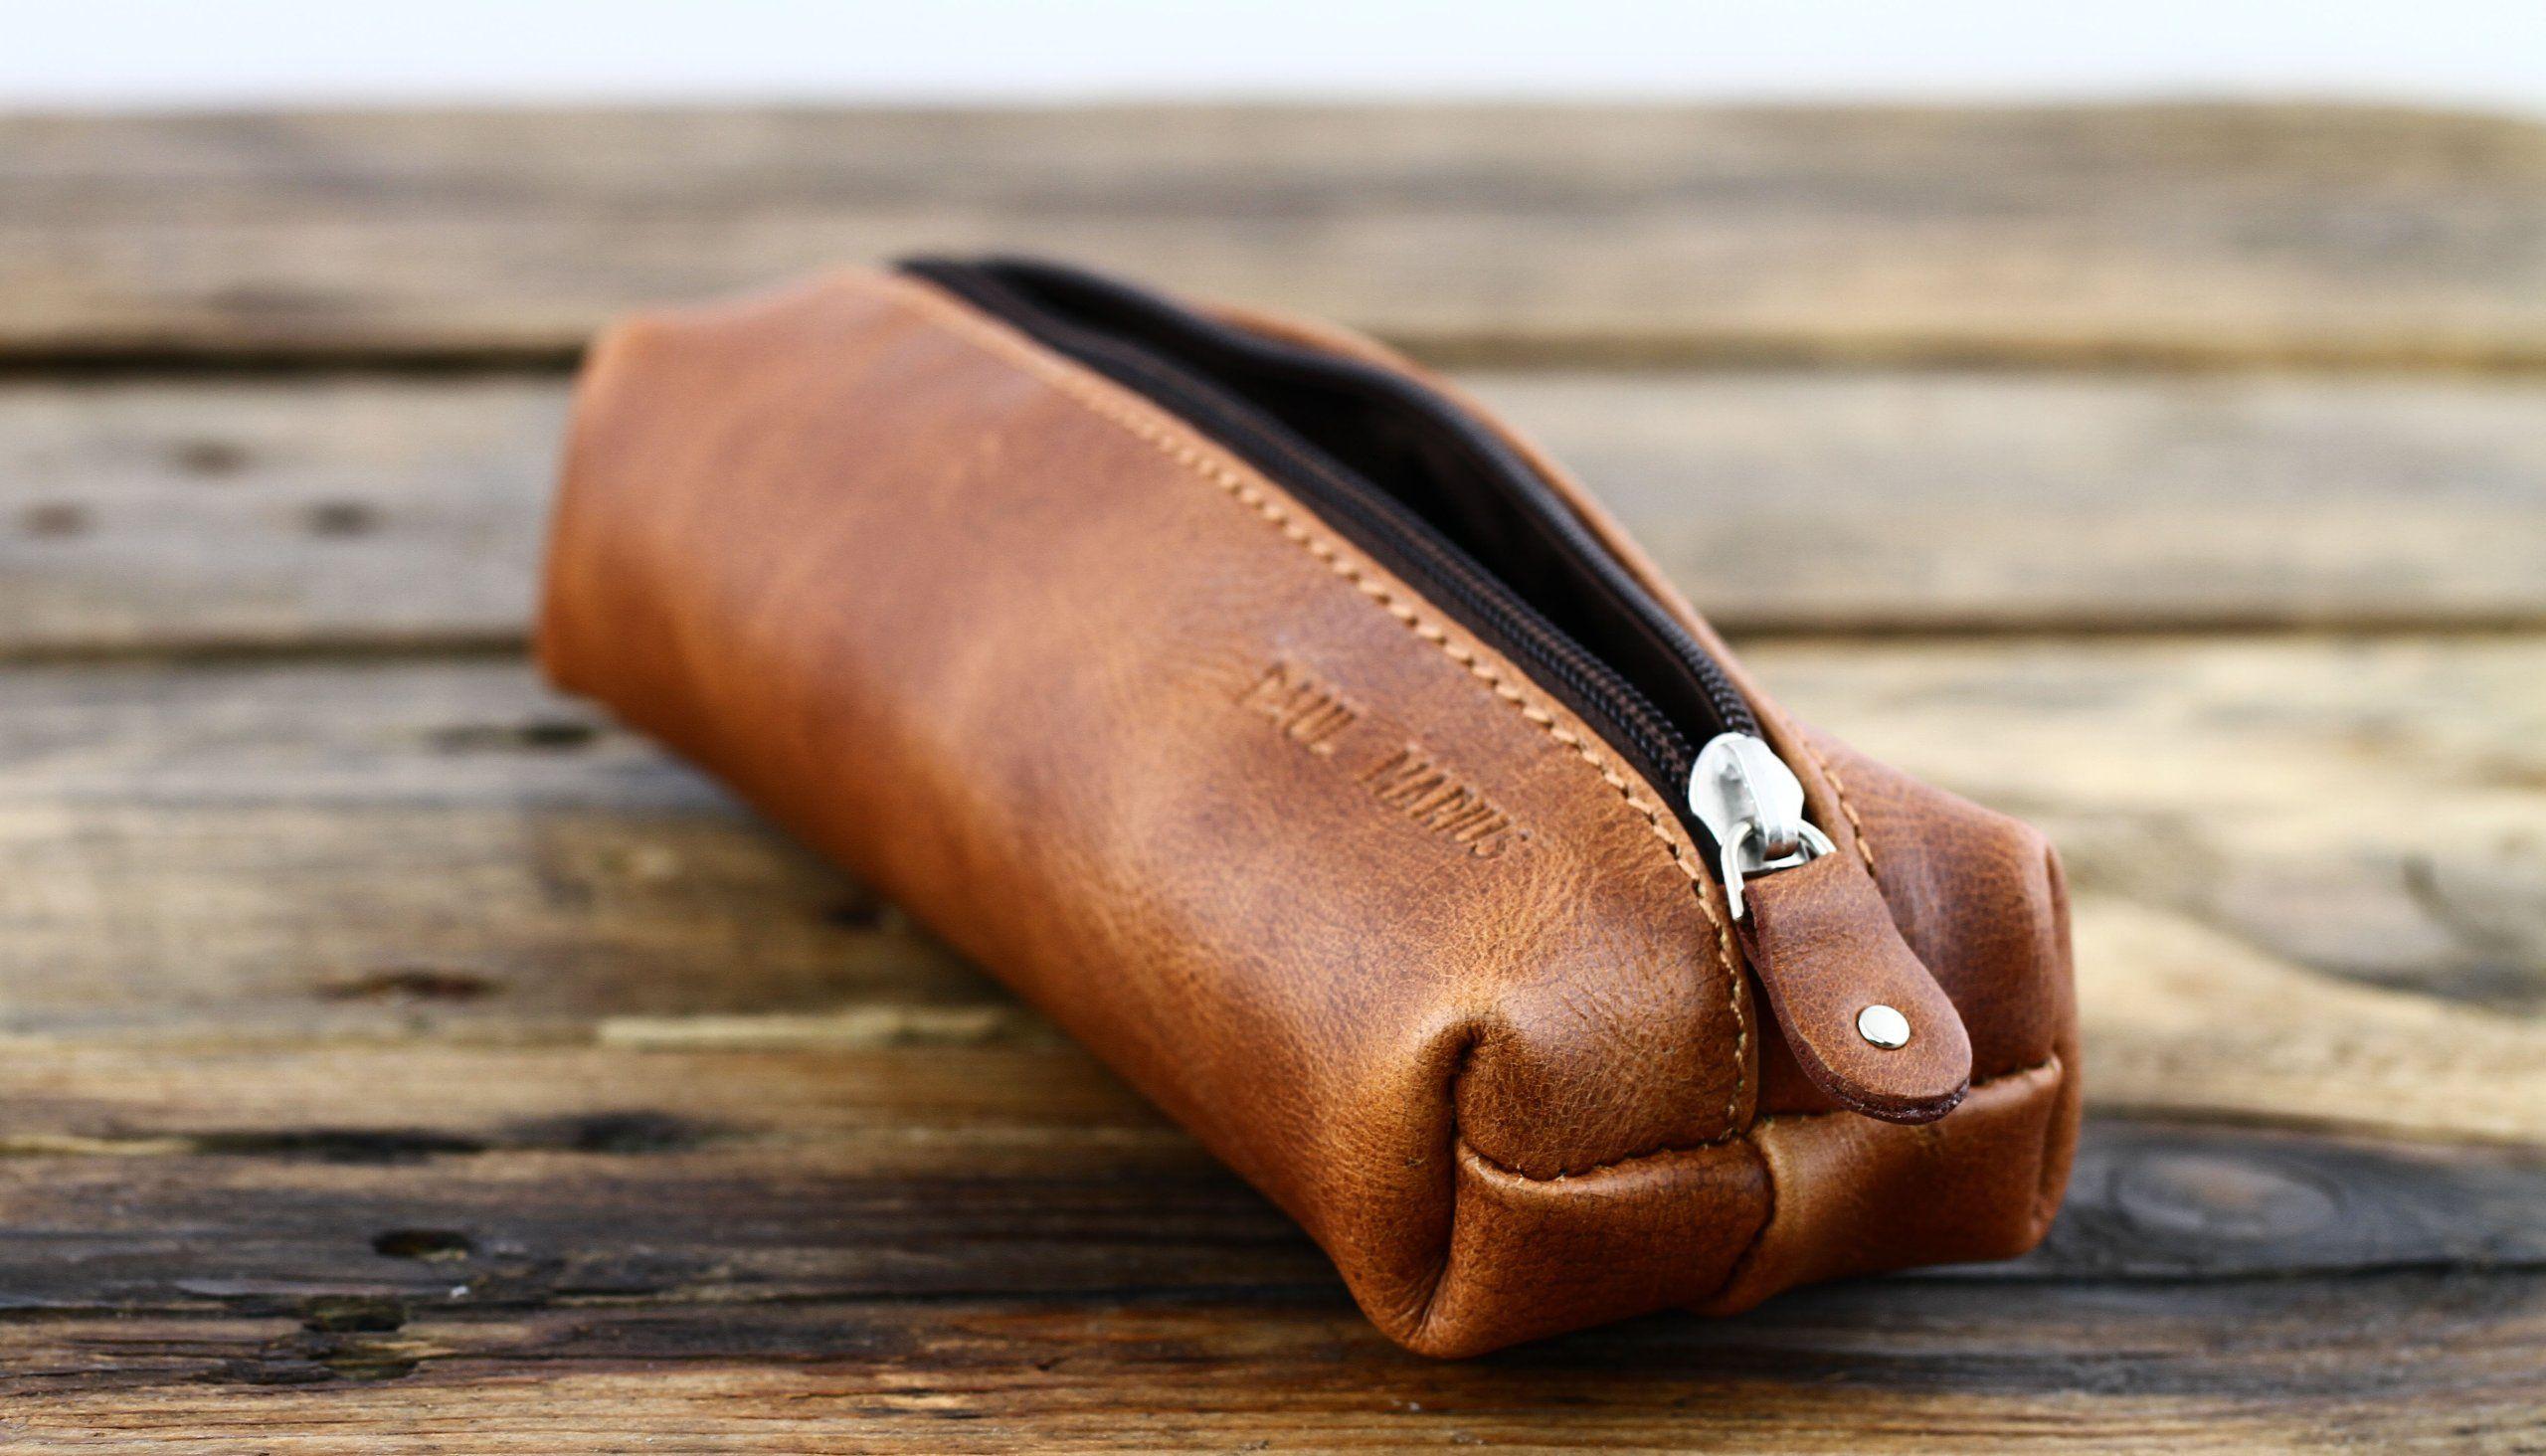 Paul Marius Vintage Leather Pencil Case With Zipper Le Plumier De Marius Amazon Co Uk Clothing Trousse Cuir Produits En Cuir Cuir